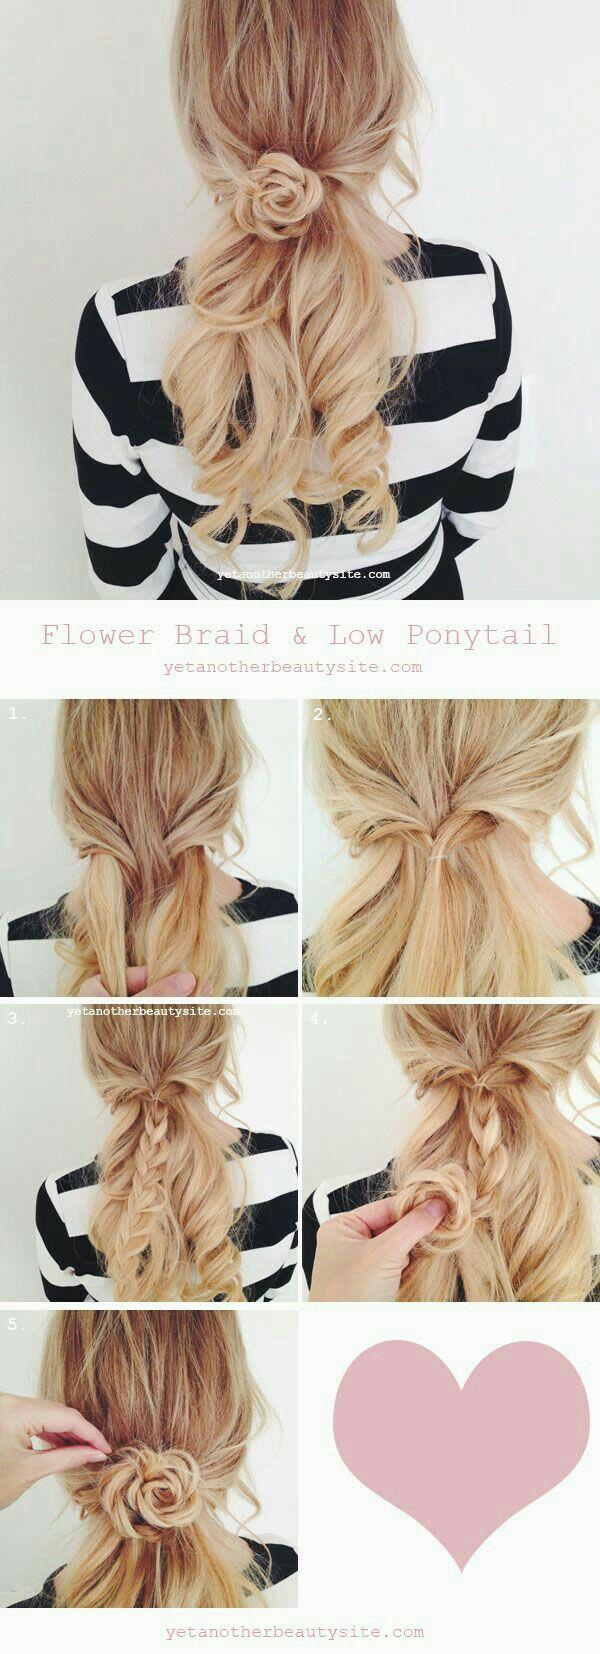 Peinado fácil, sencillo y rápido.  Flor sencilla